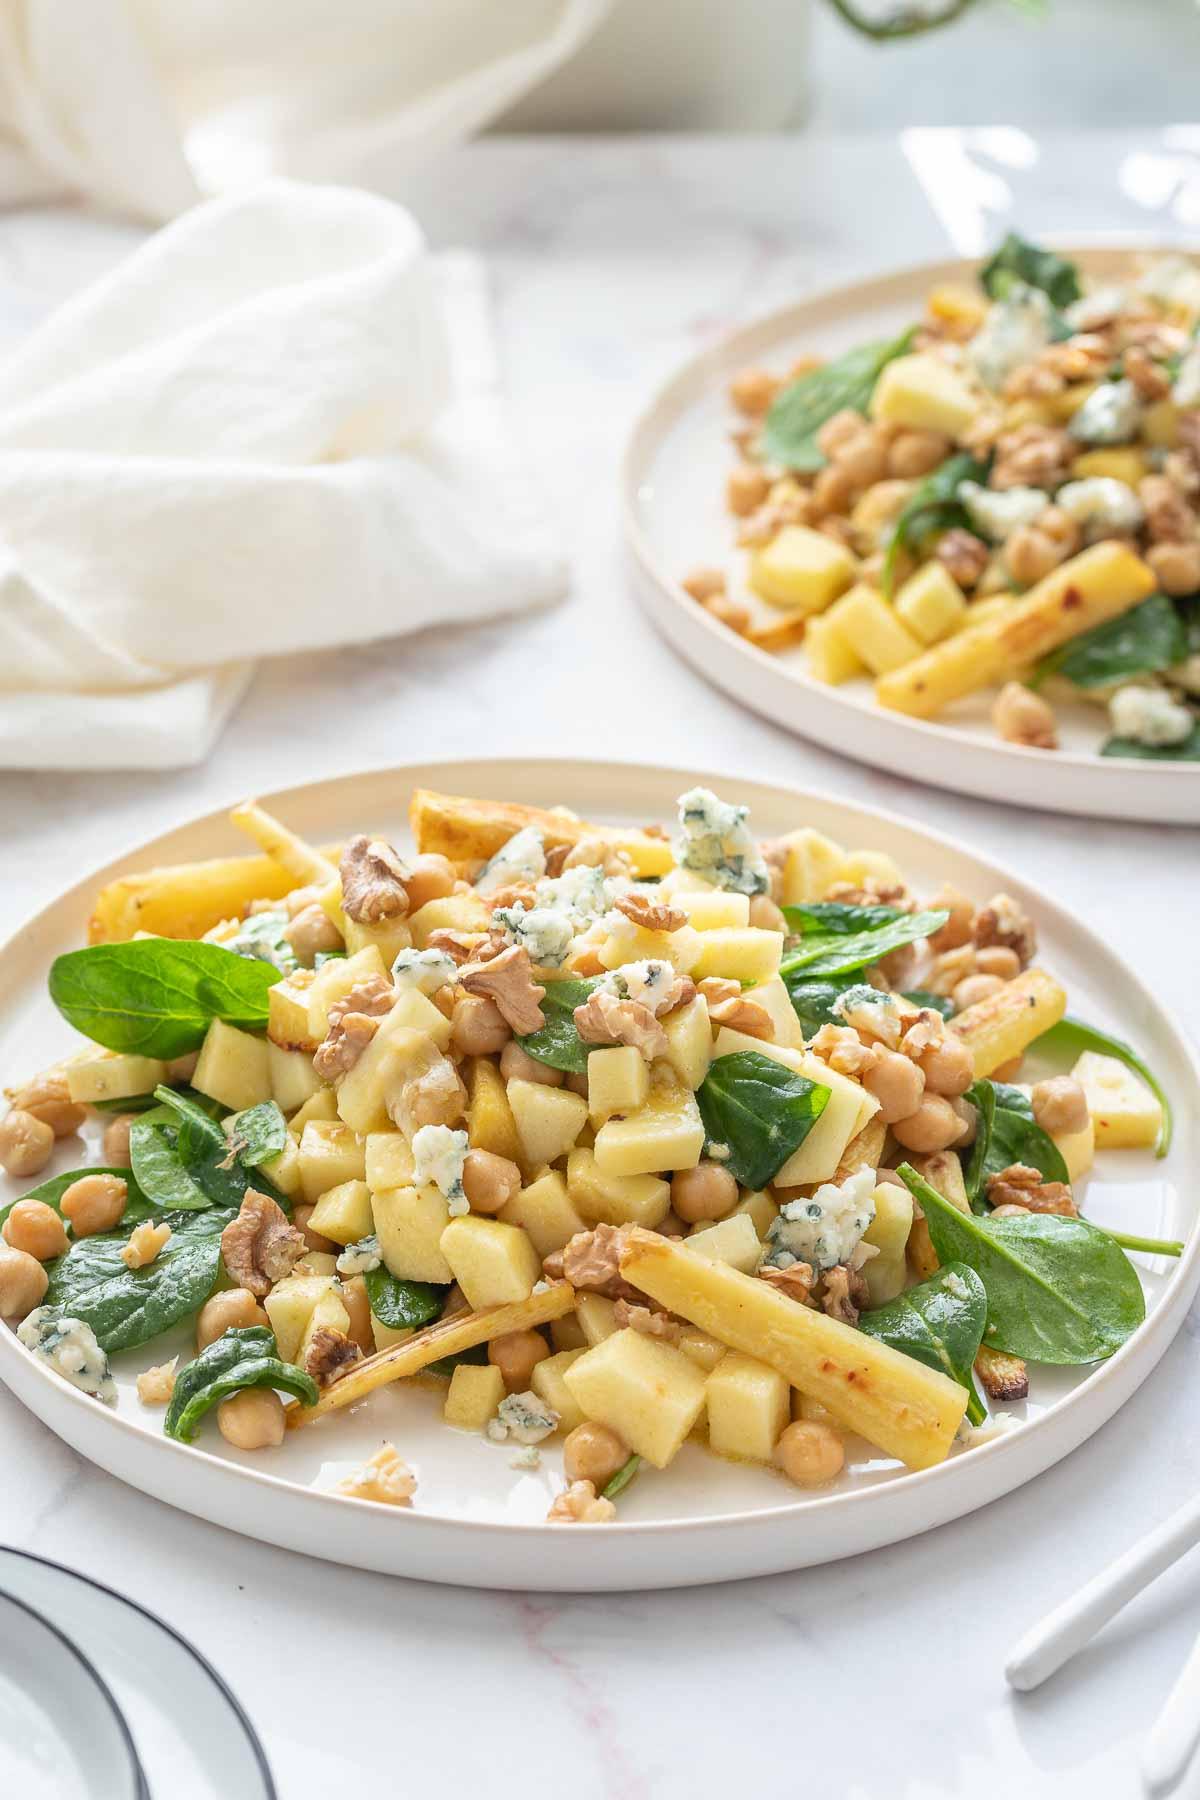 Pastinaken Salat mit Kichererbsen, Apfel, Walnüssen und Roquefort